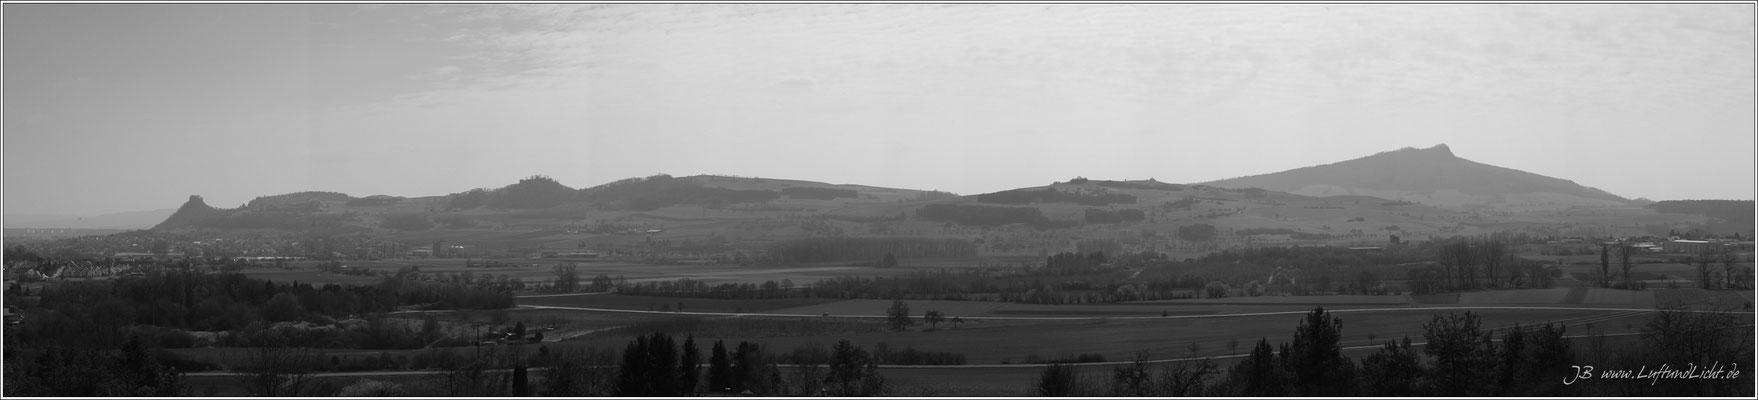 Rechts im Hintergrund der Hohenstoffeln, im Vordergrund Philippsberg, Sickerberg, Mägdeberg und ganz links der Hohenkrähen.